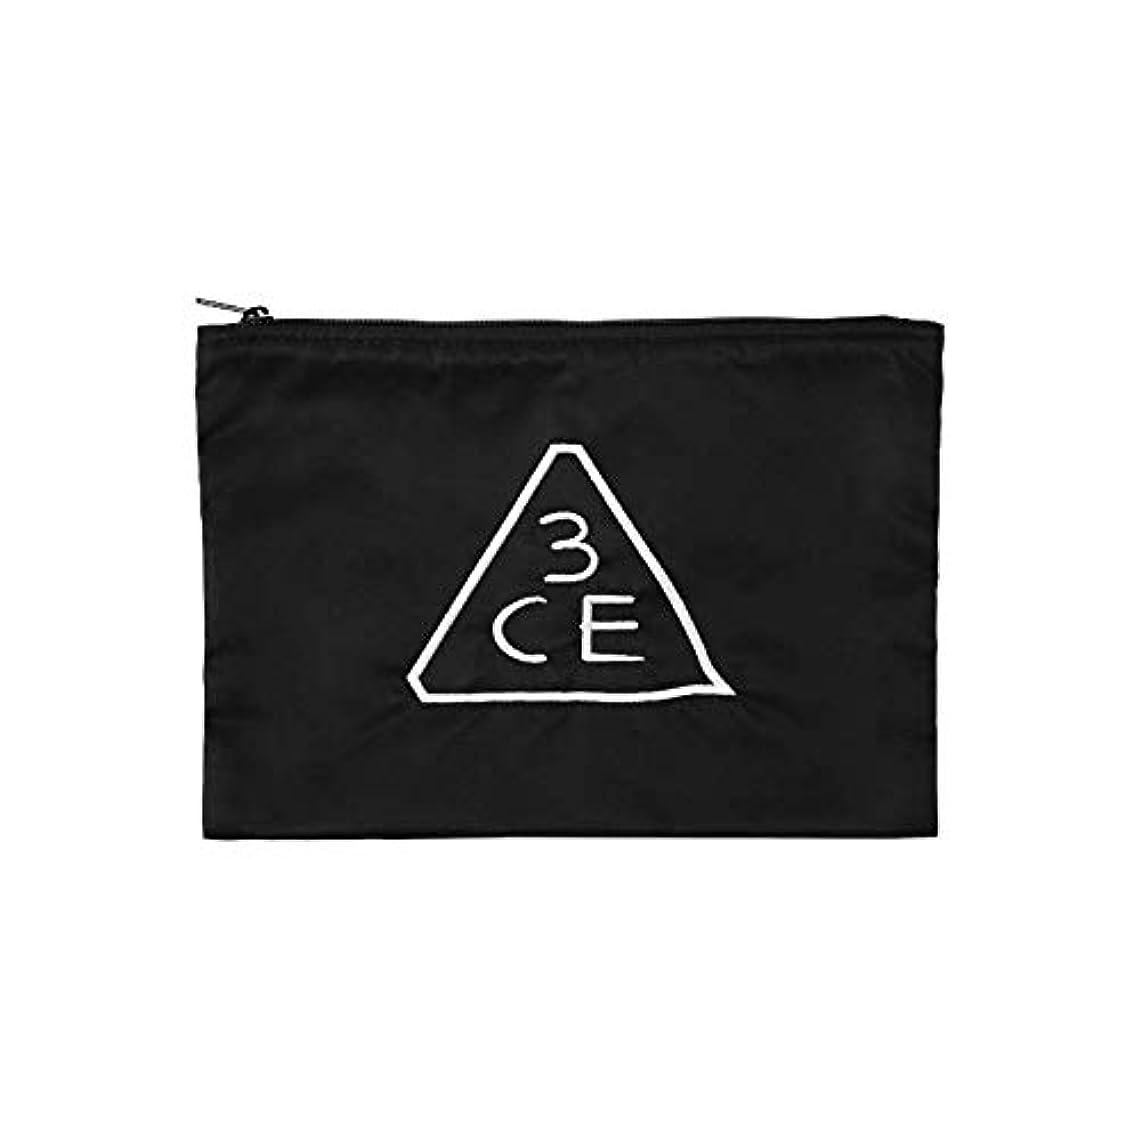 割れ目正確さ素晴らしい良い多くの3CE フラットポーチ FLAT POUCH MEDIUM #BLACK [並行輸入品]